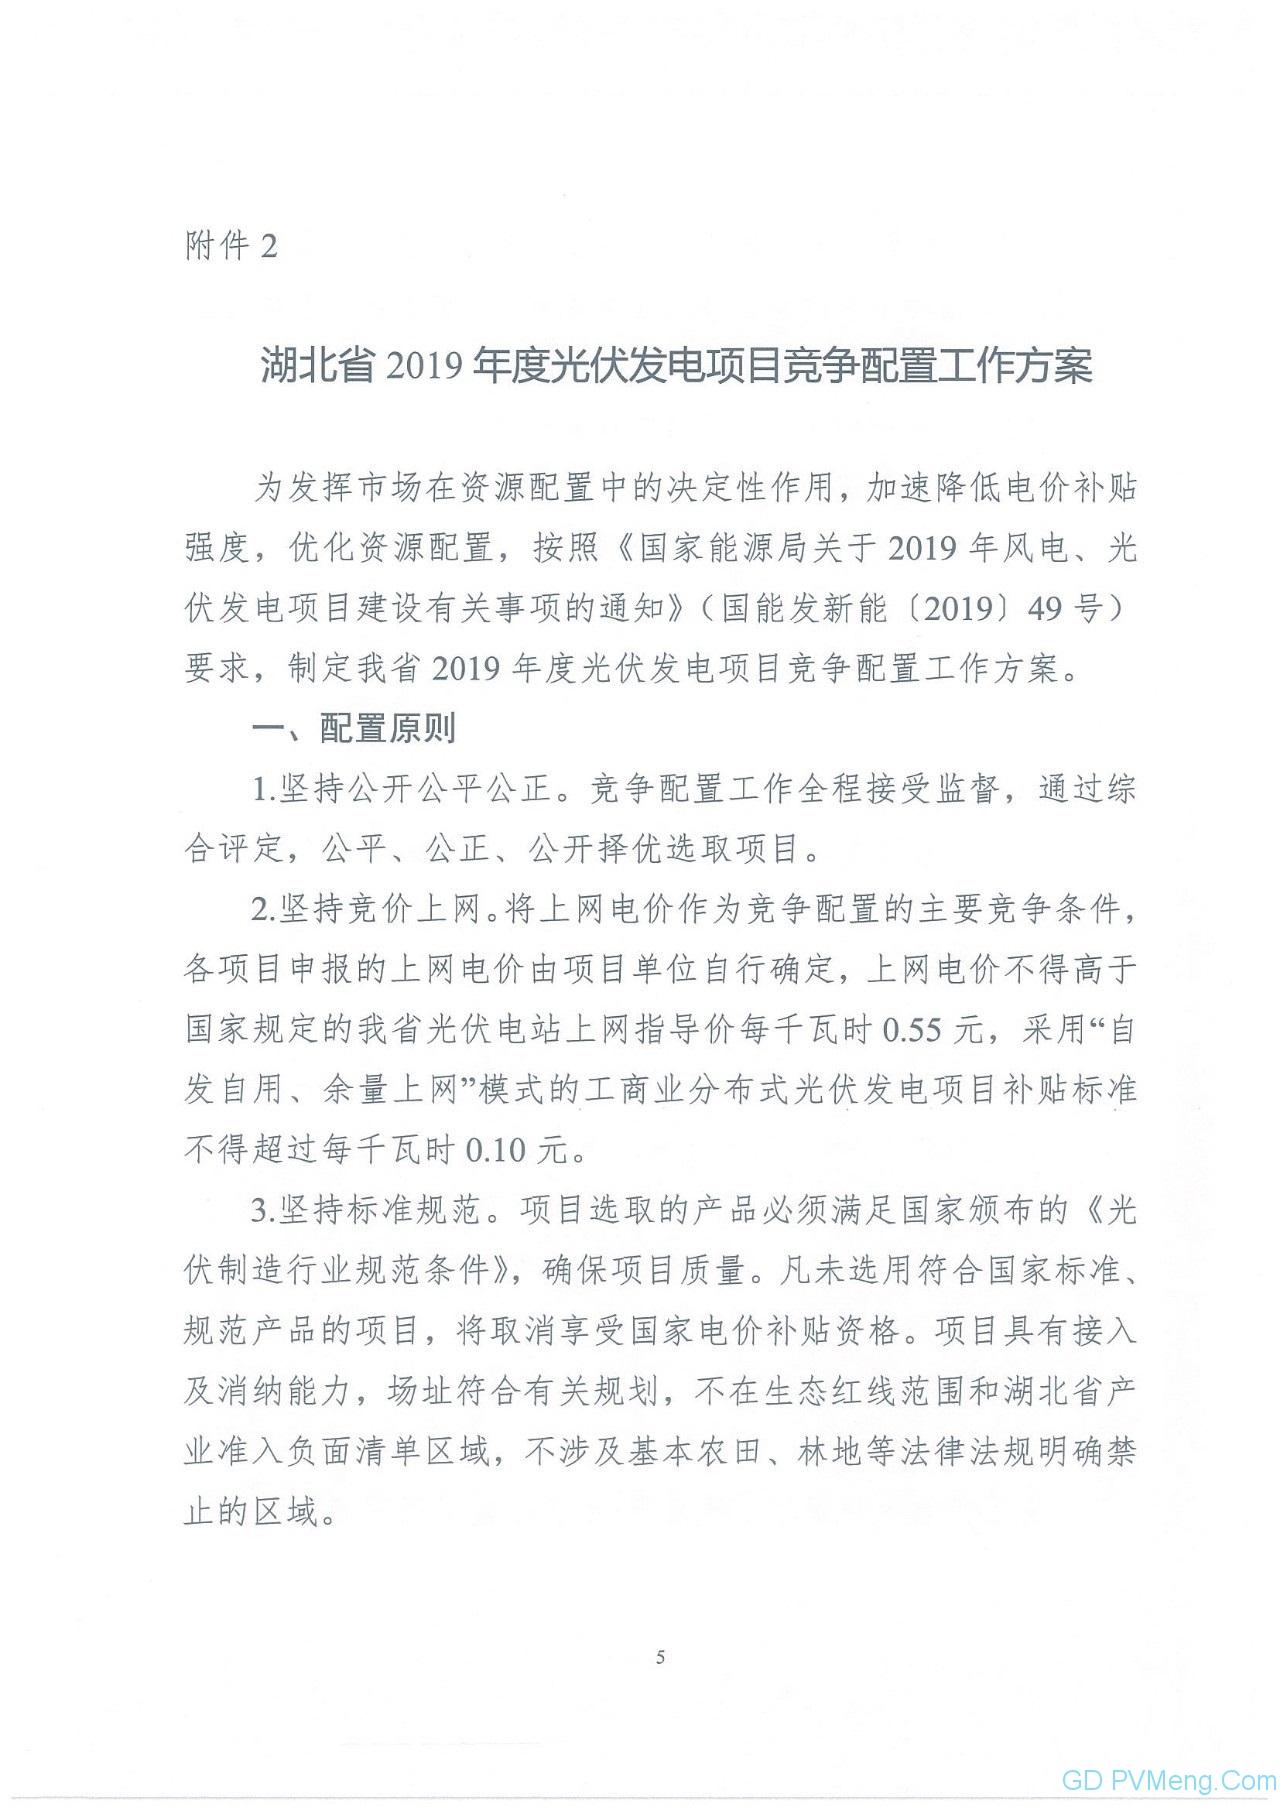 鄂6月21日截止||湖北省能源局关于开展2019年光伏发电项目竞争配置工作的通知(鄂能源新能〔2019〕27号 )20190614